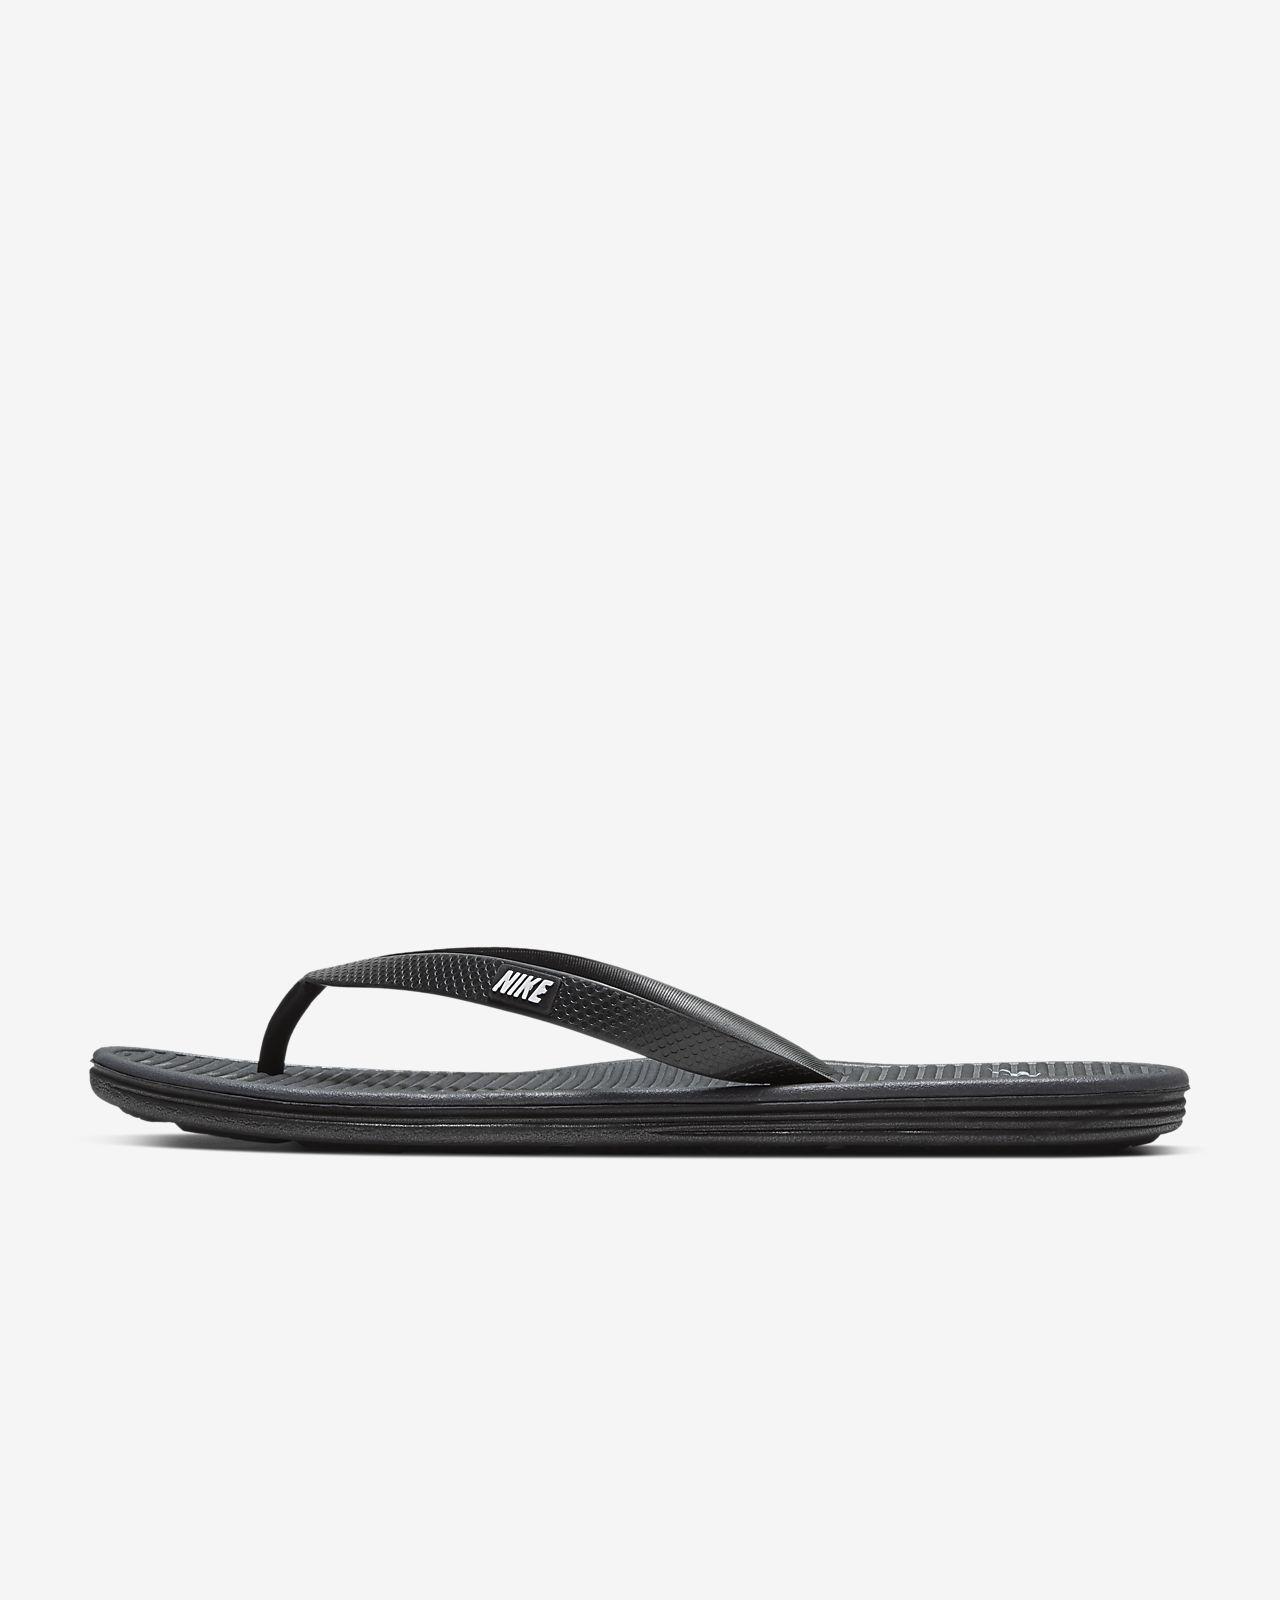 Nike Solarsoft 2 Herren-Sandalen